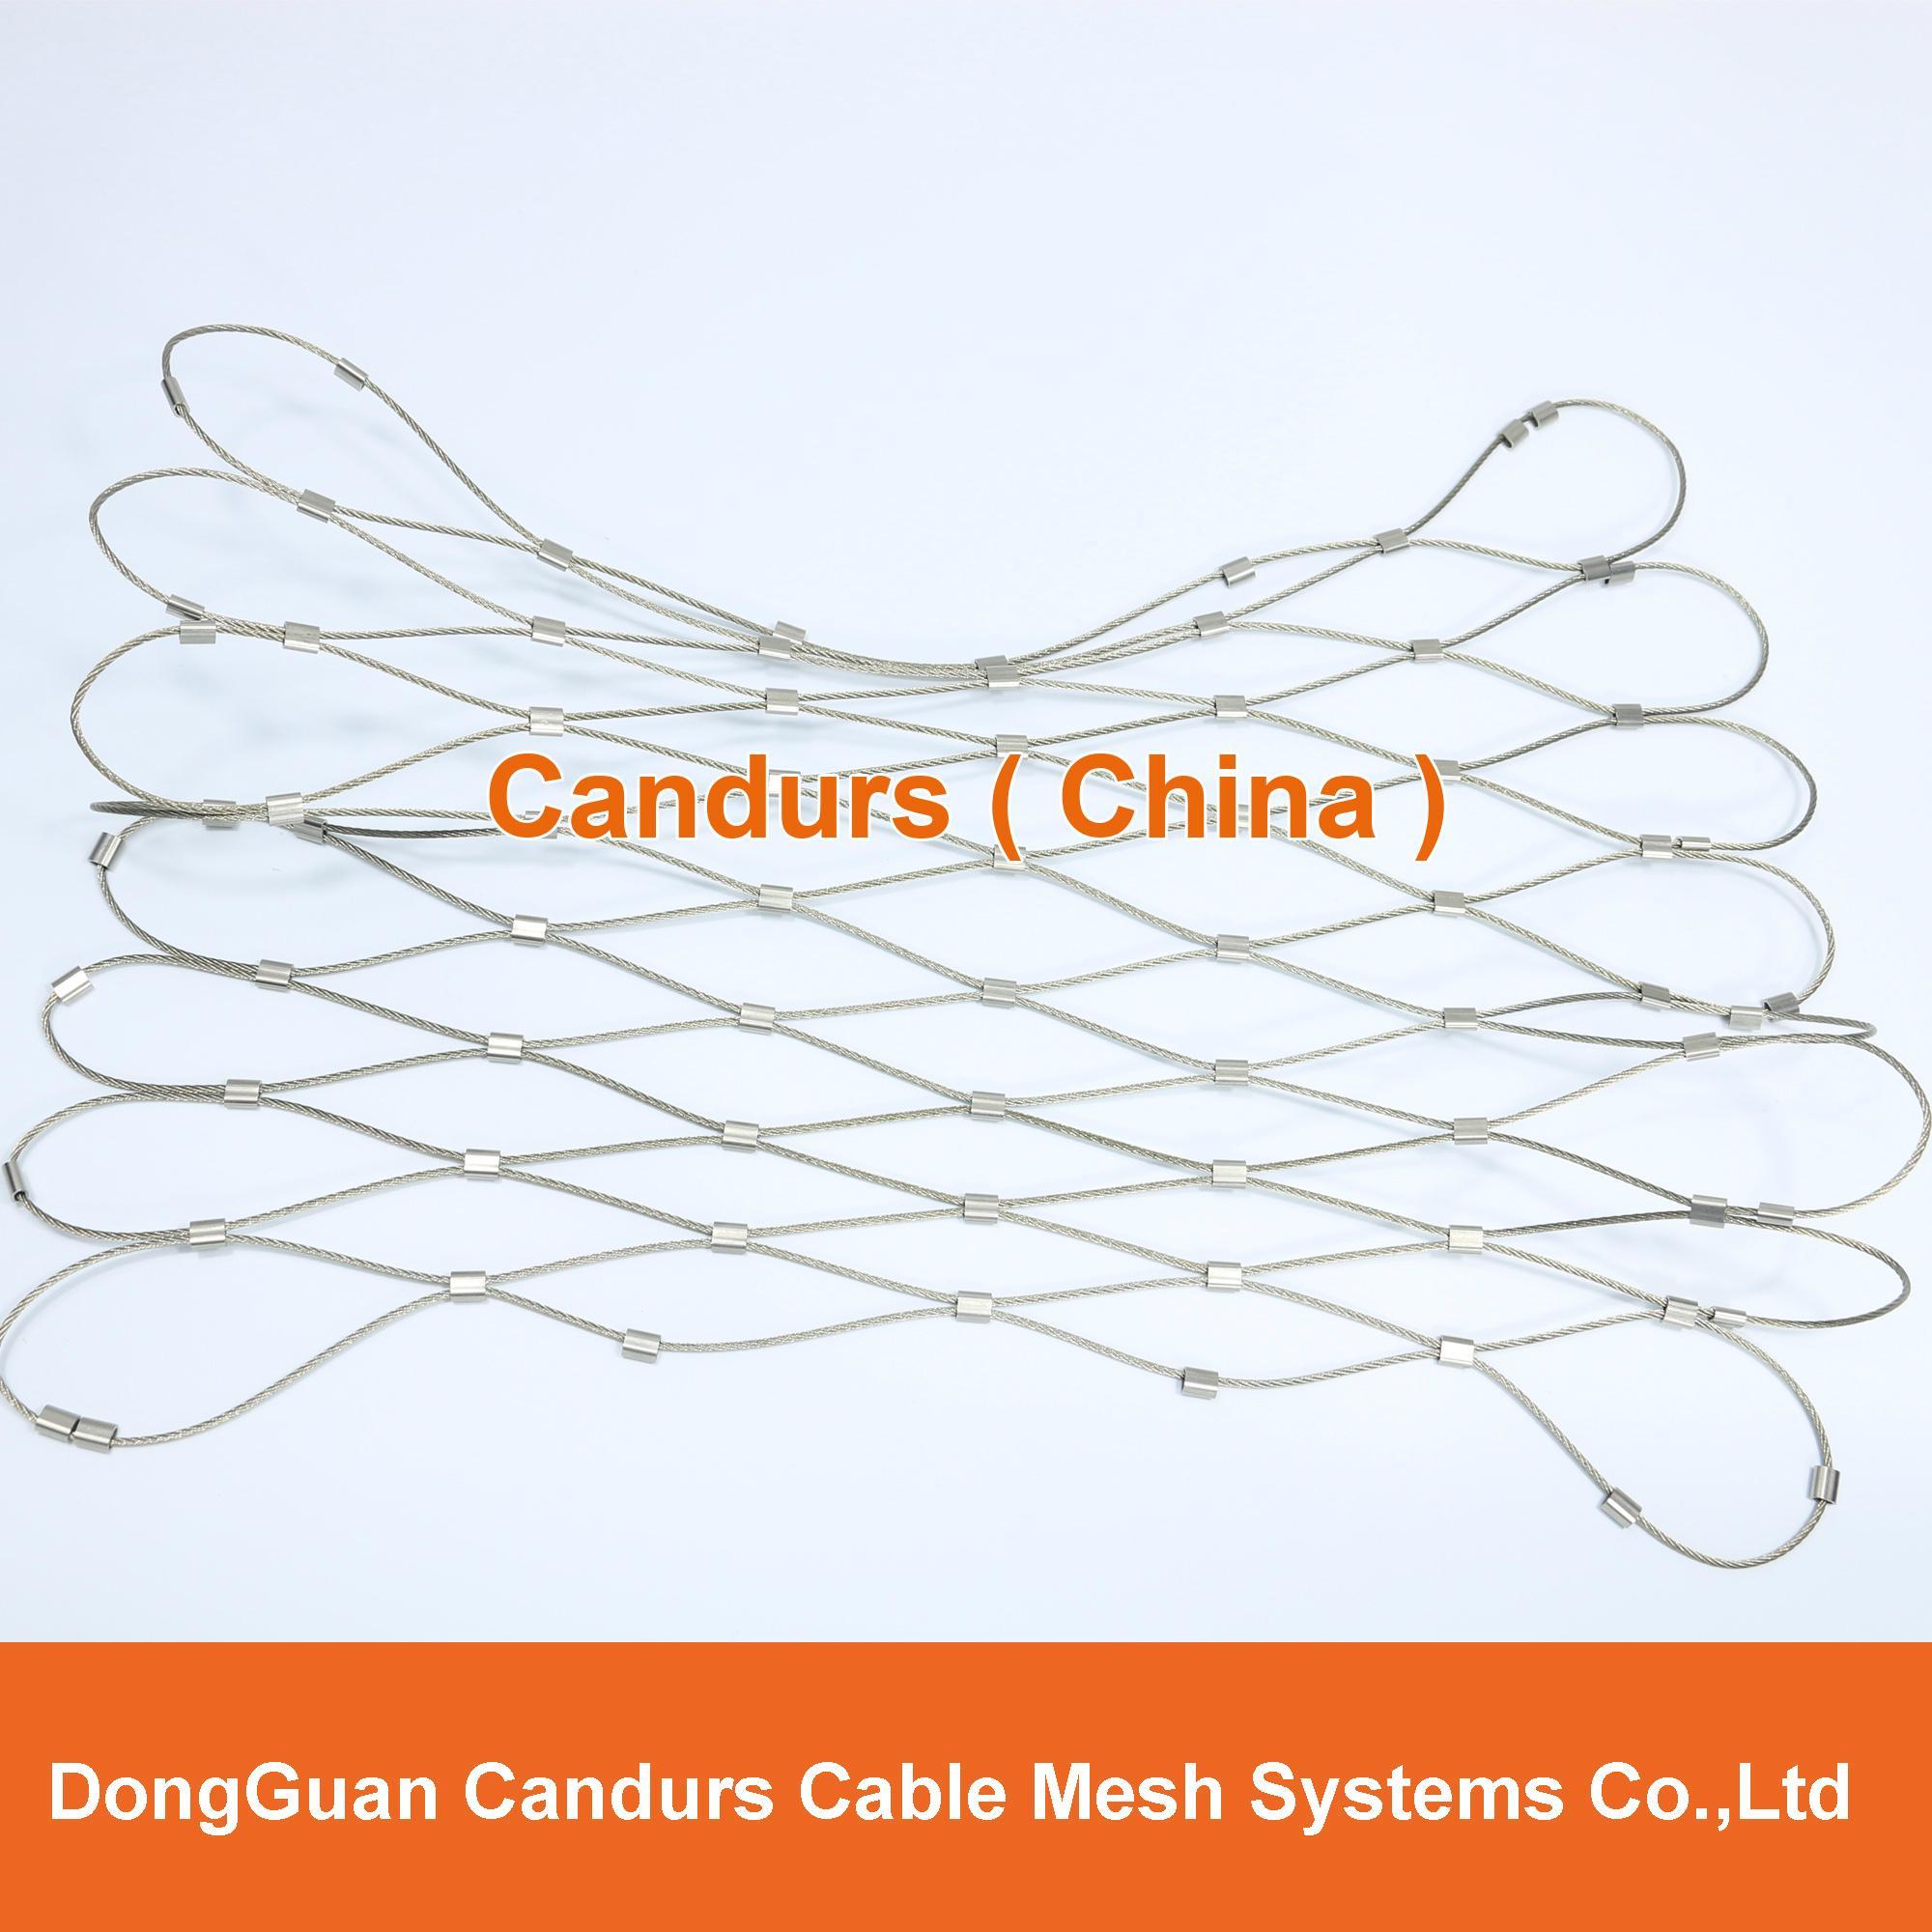 套环网-不锈钢丝绳套环网 15